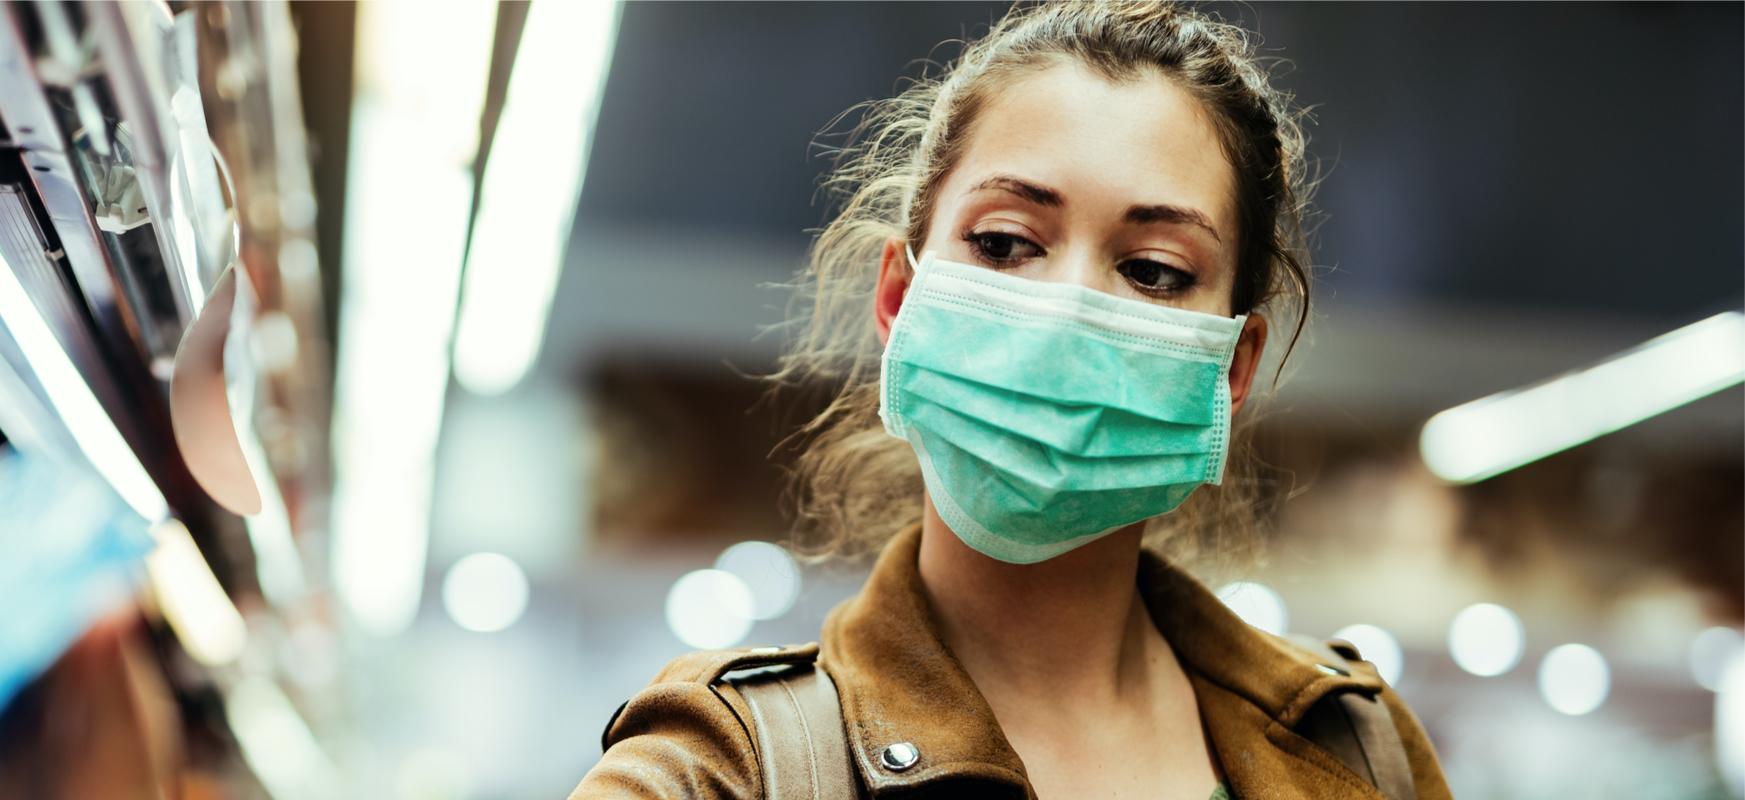 Zeelanda Berria jada ez da koronavirusik gabeko herrialdea